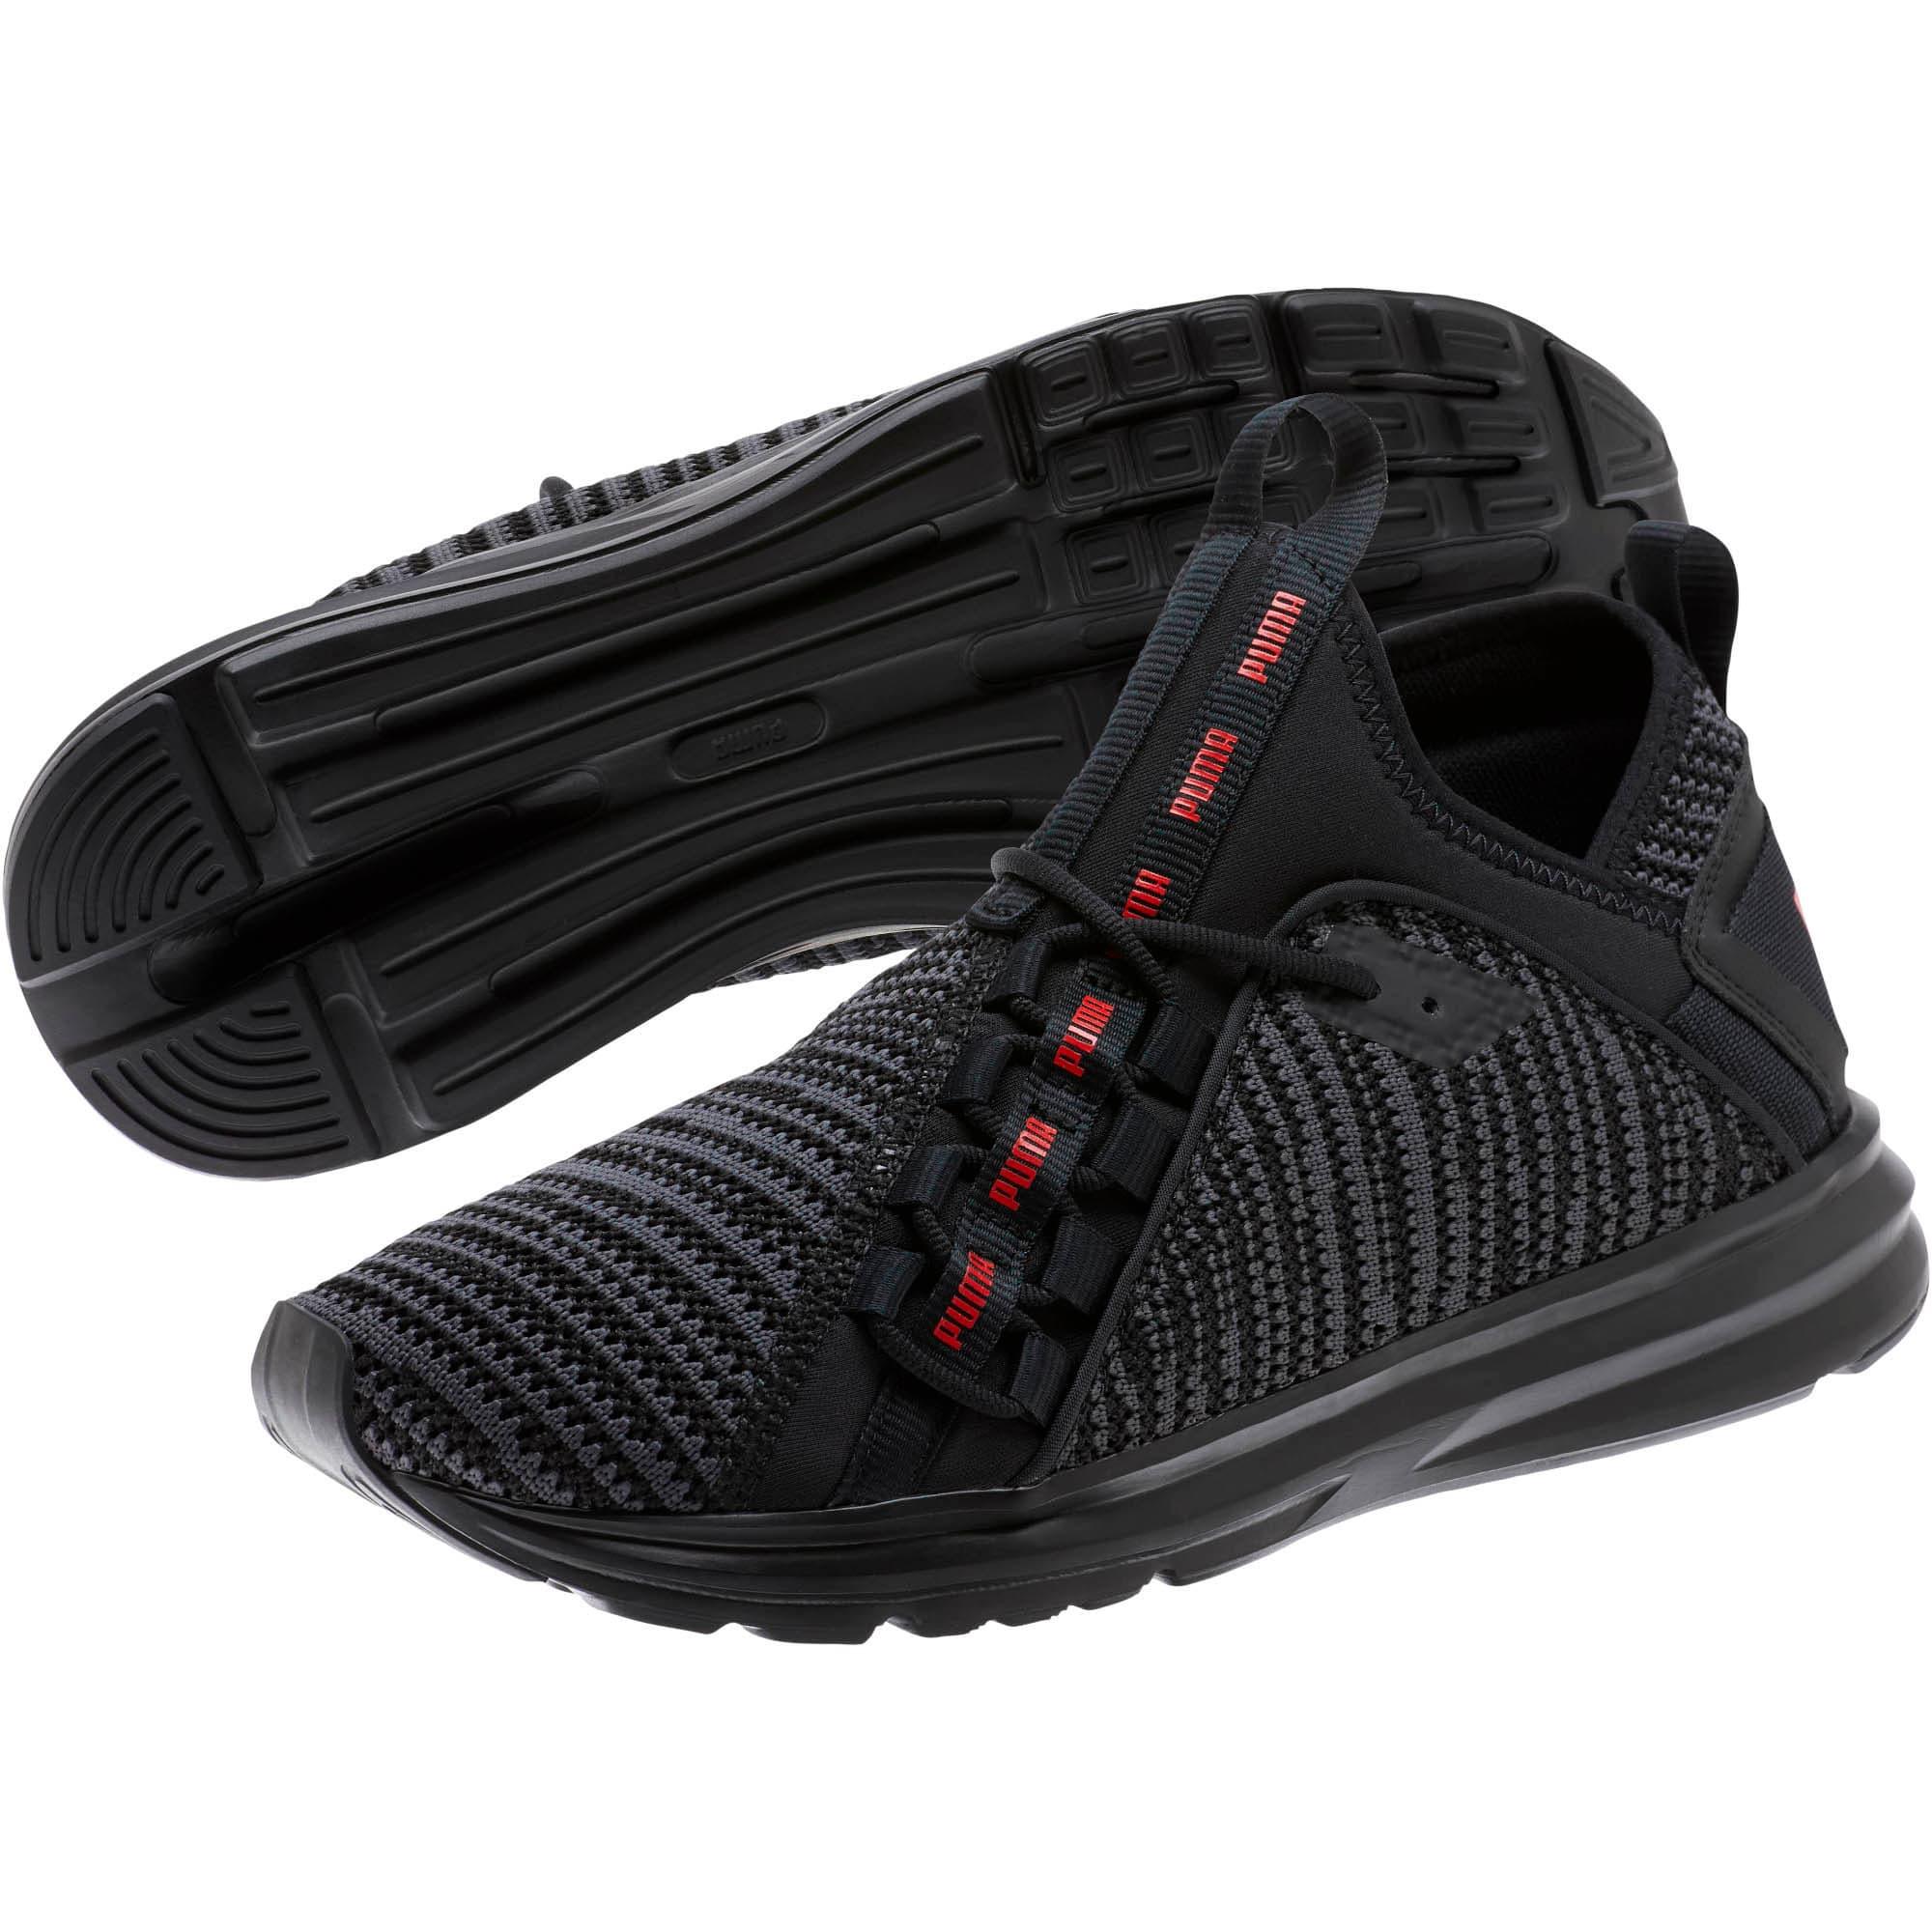 Thumbnail 2 of Enzo Peak Men's Sneakers, Black-Asphalt-High Risk Red, medium